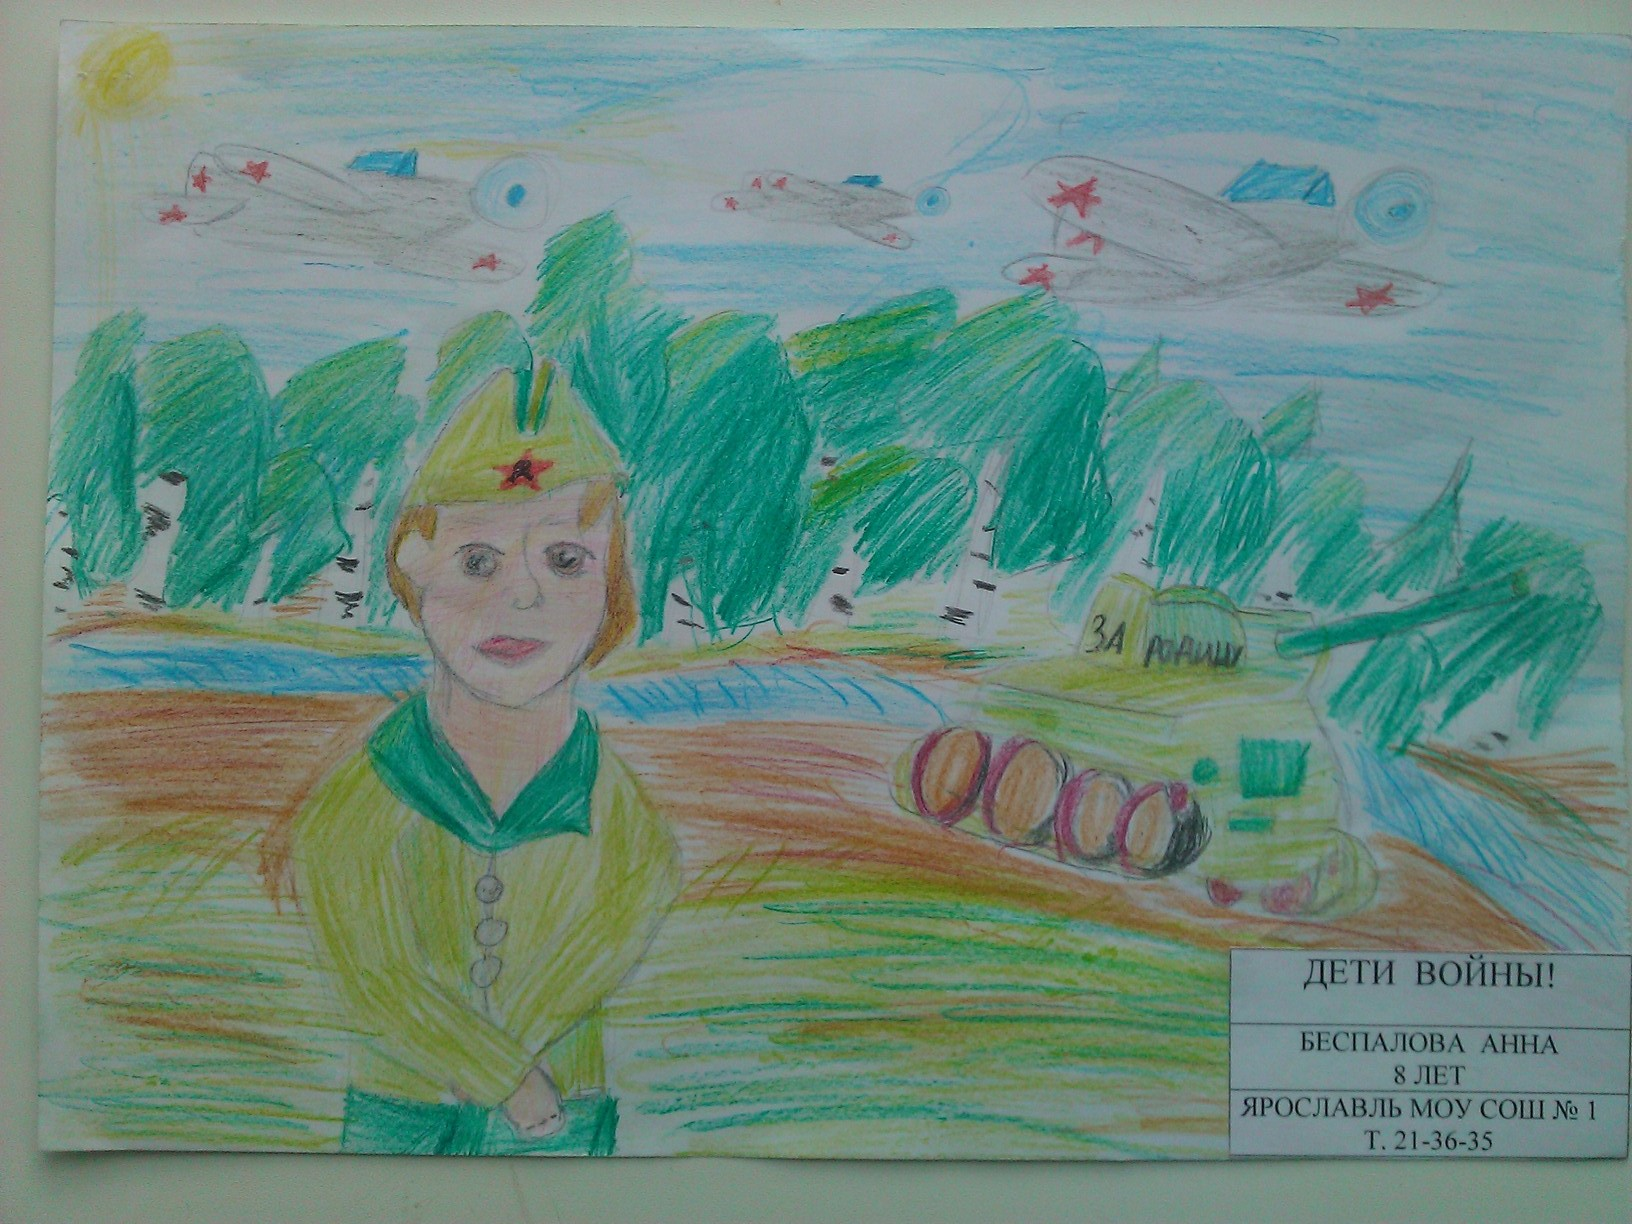 Сценарий для конкурса детских рисунков